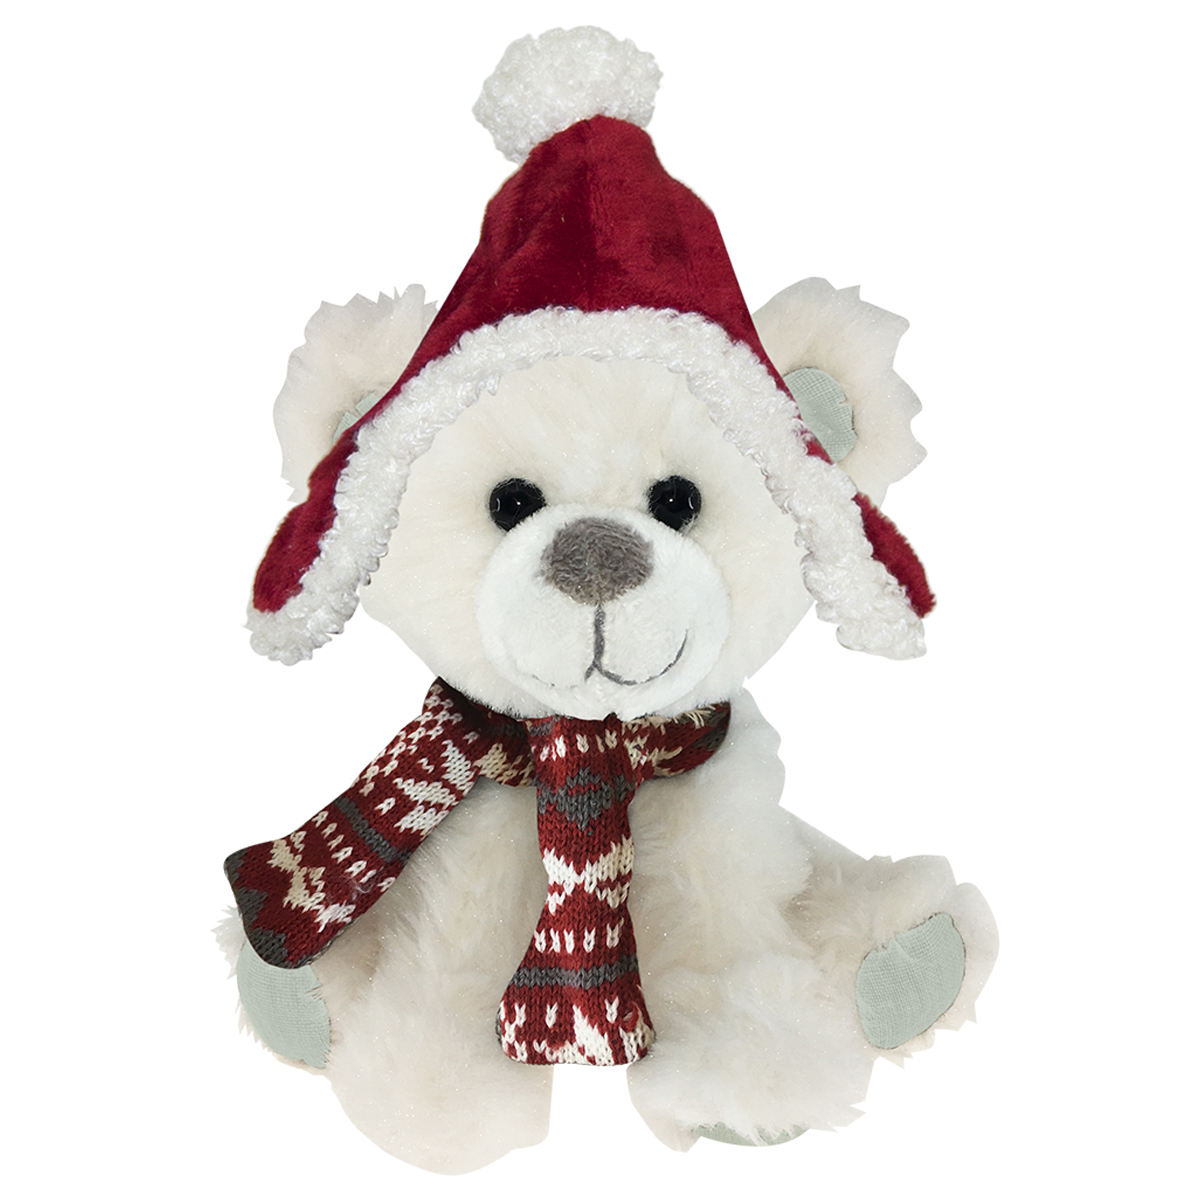 Peluche design \'Teddy Bear\' blanc bonnet rouge - 20 cm - [Q3902]